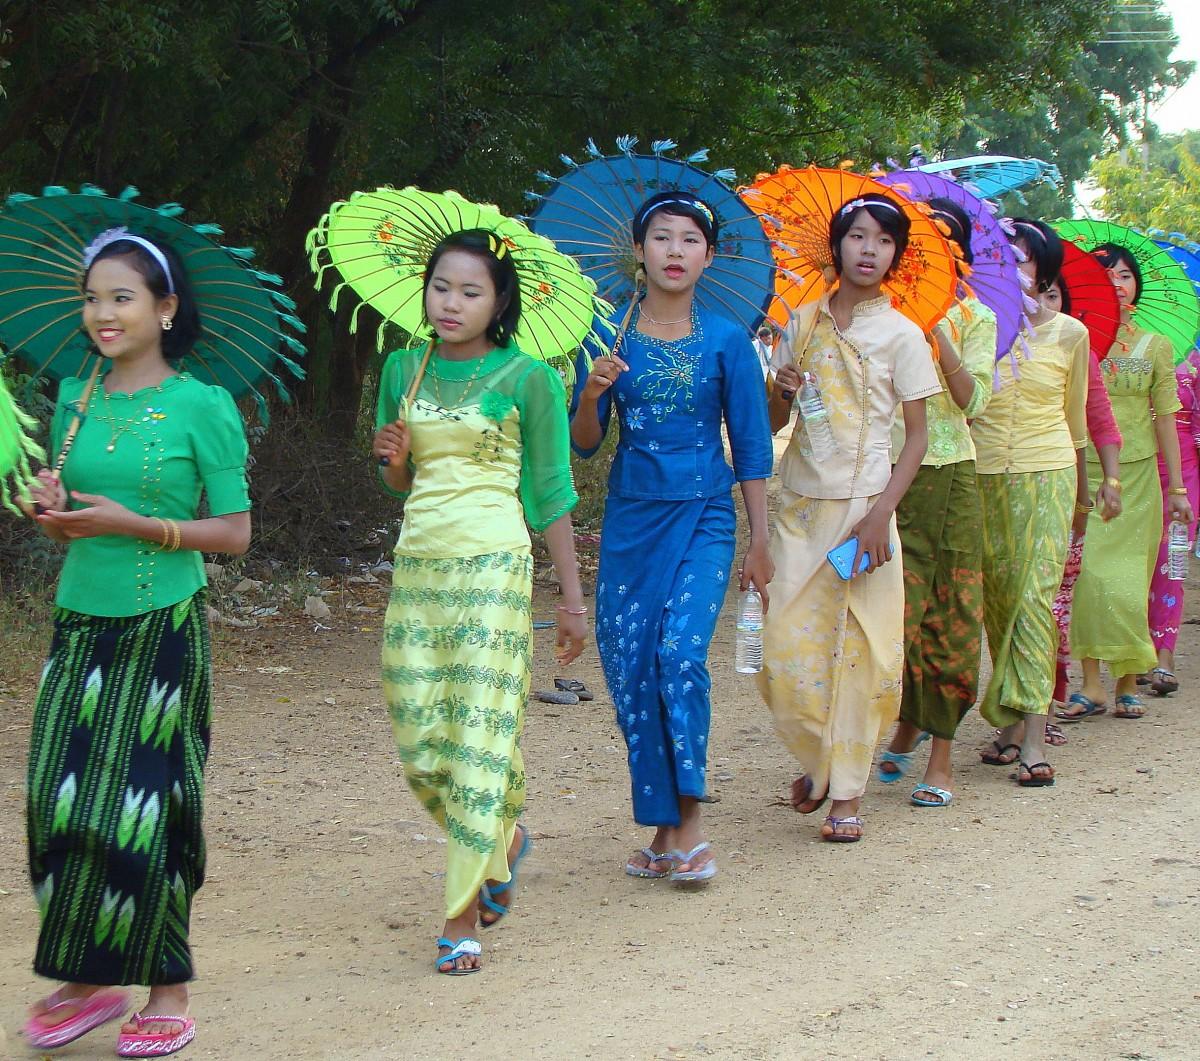 Zdjęcia: gdzieś po drodze, Na imprezę, MYANMAR